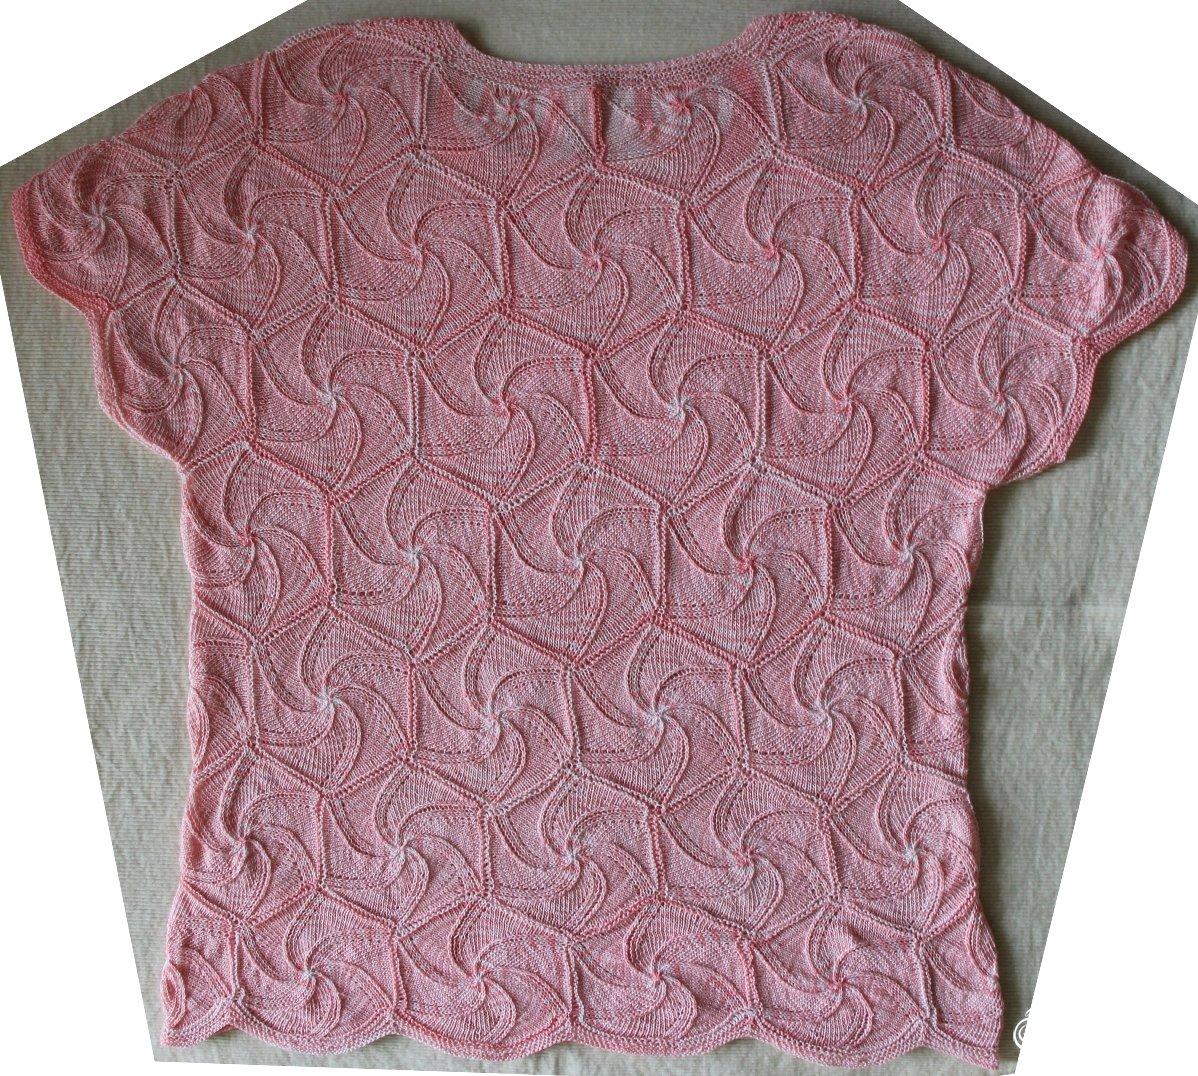 002-浅西瓜红段染亚麻连肩半袖-改良版的螺旋玫瑰-小.JPG